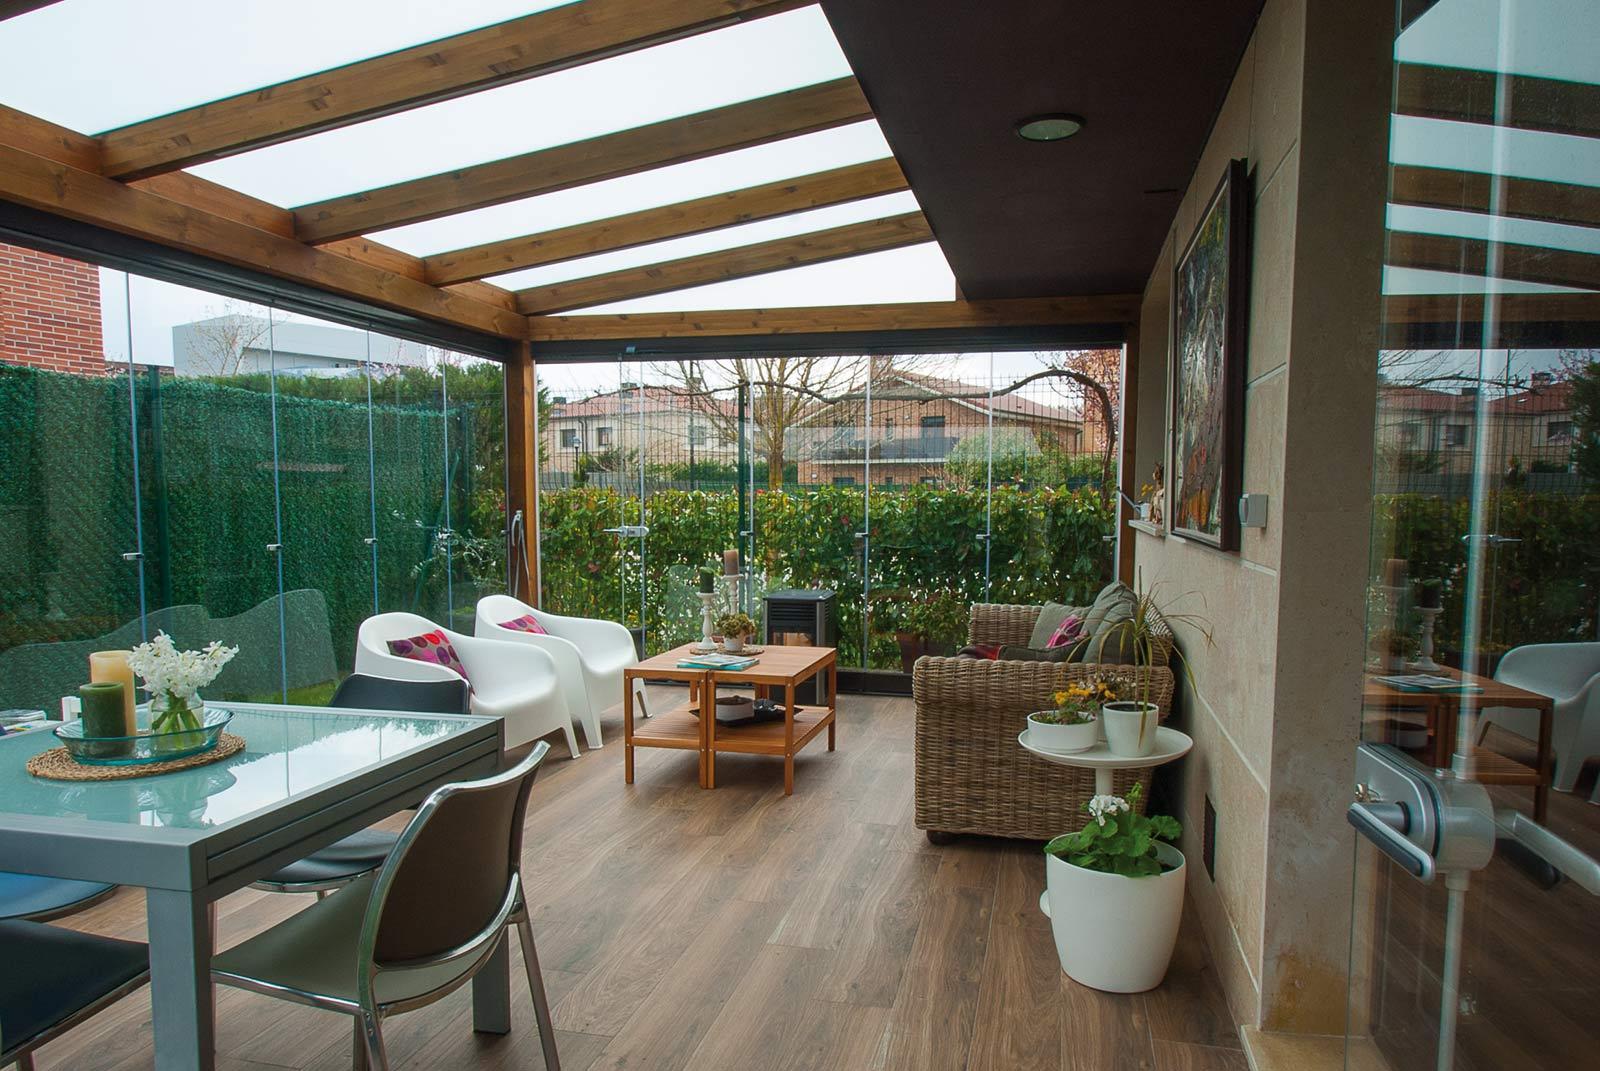 porche-jardin-madera-cristal-lumon-cerrado-abierto-4